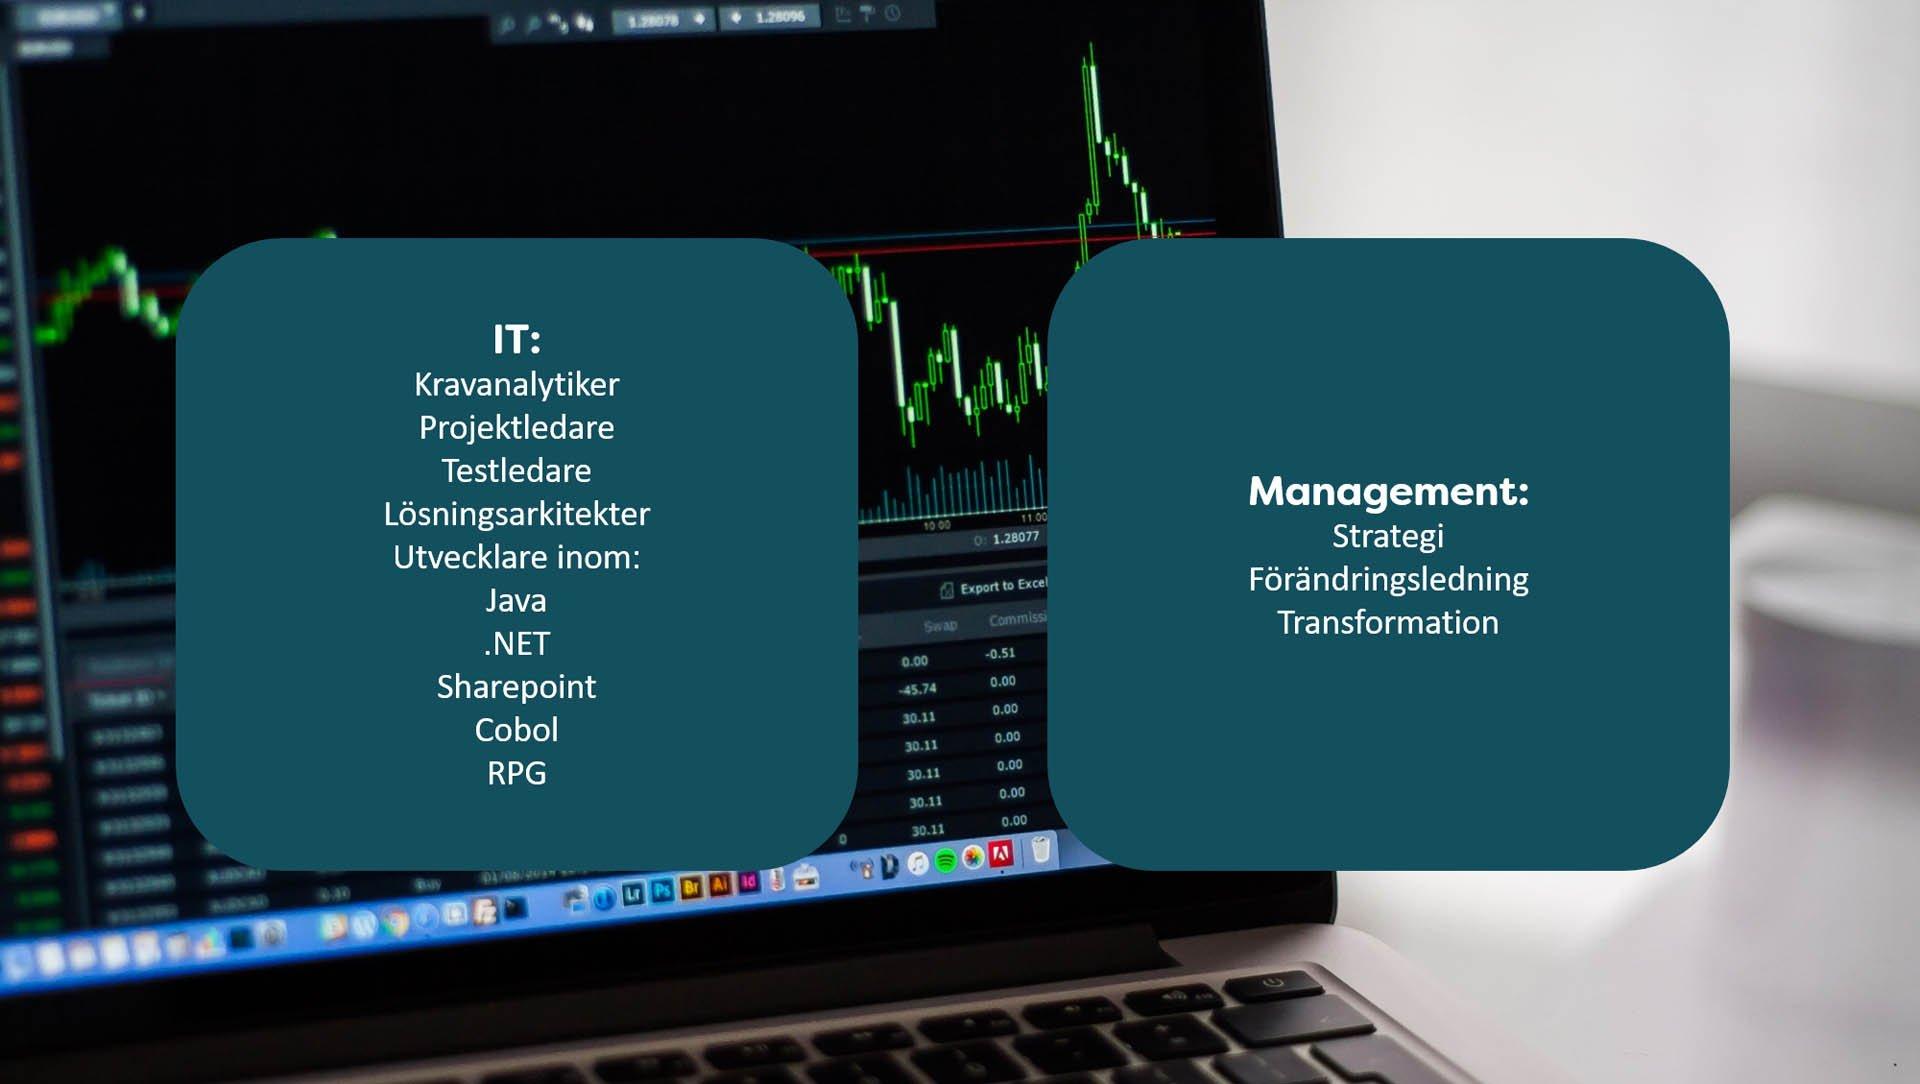 Konsulter-i-vårt-nätverk-management-kravanalytiker-A-Society